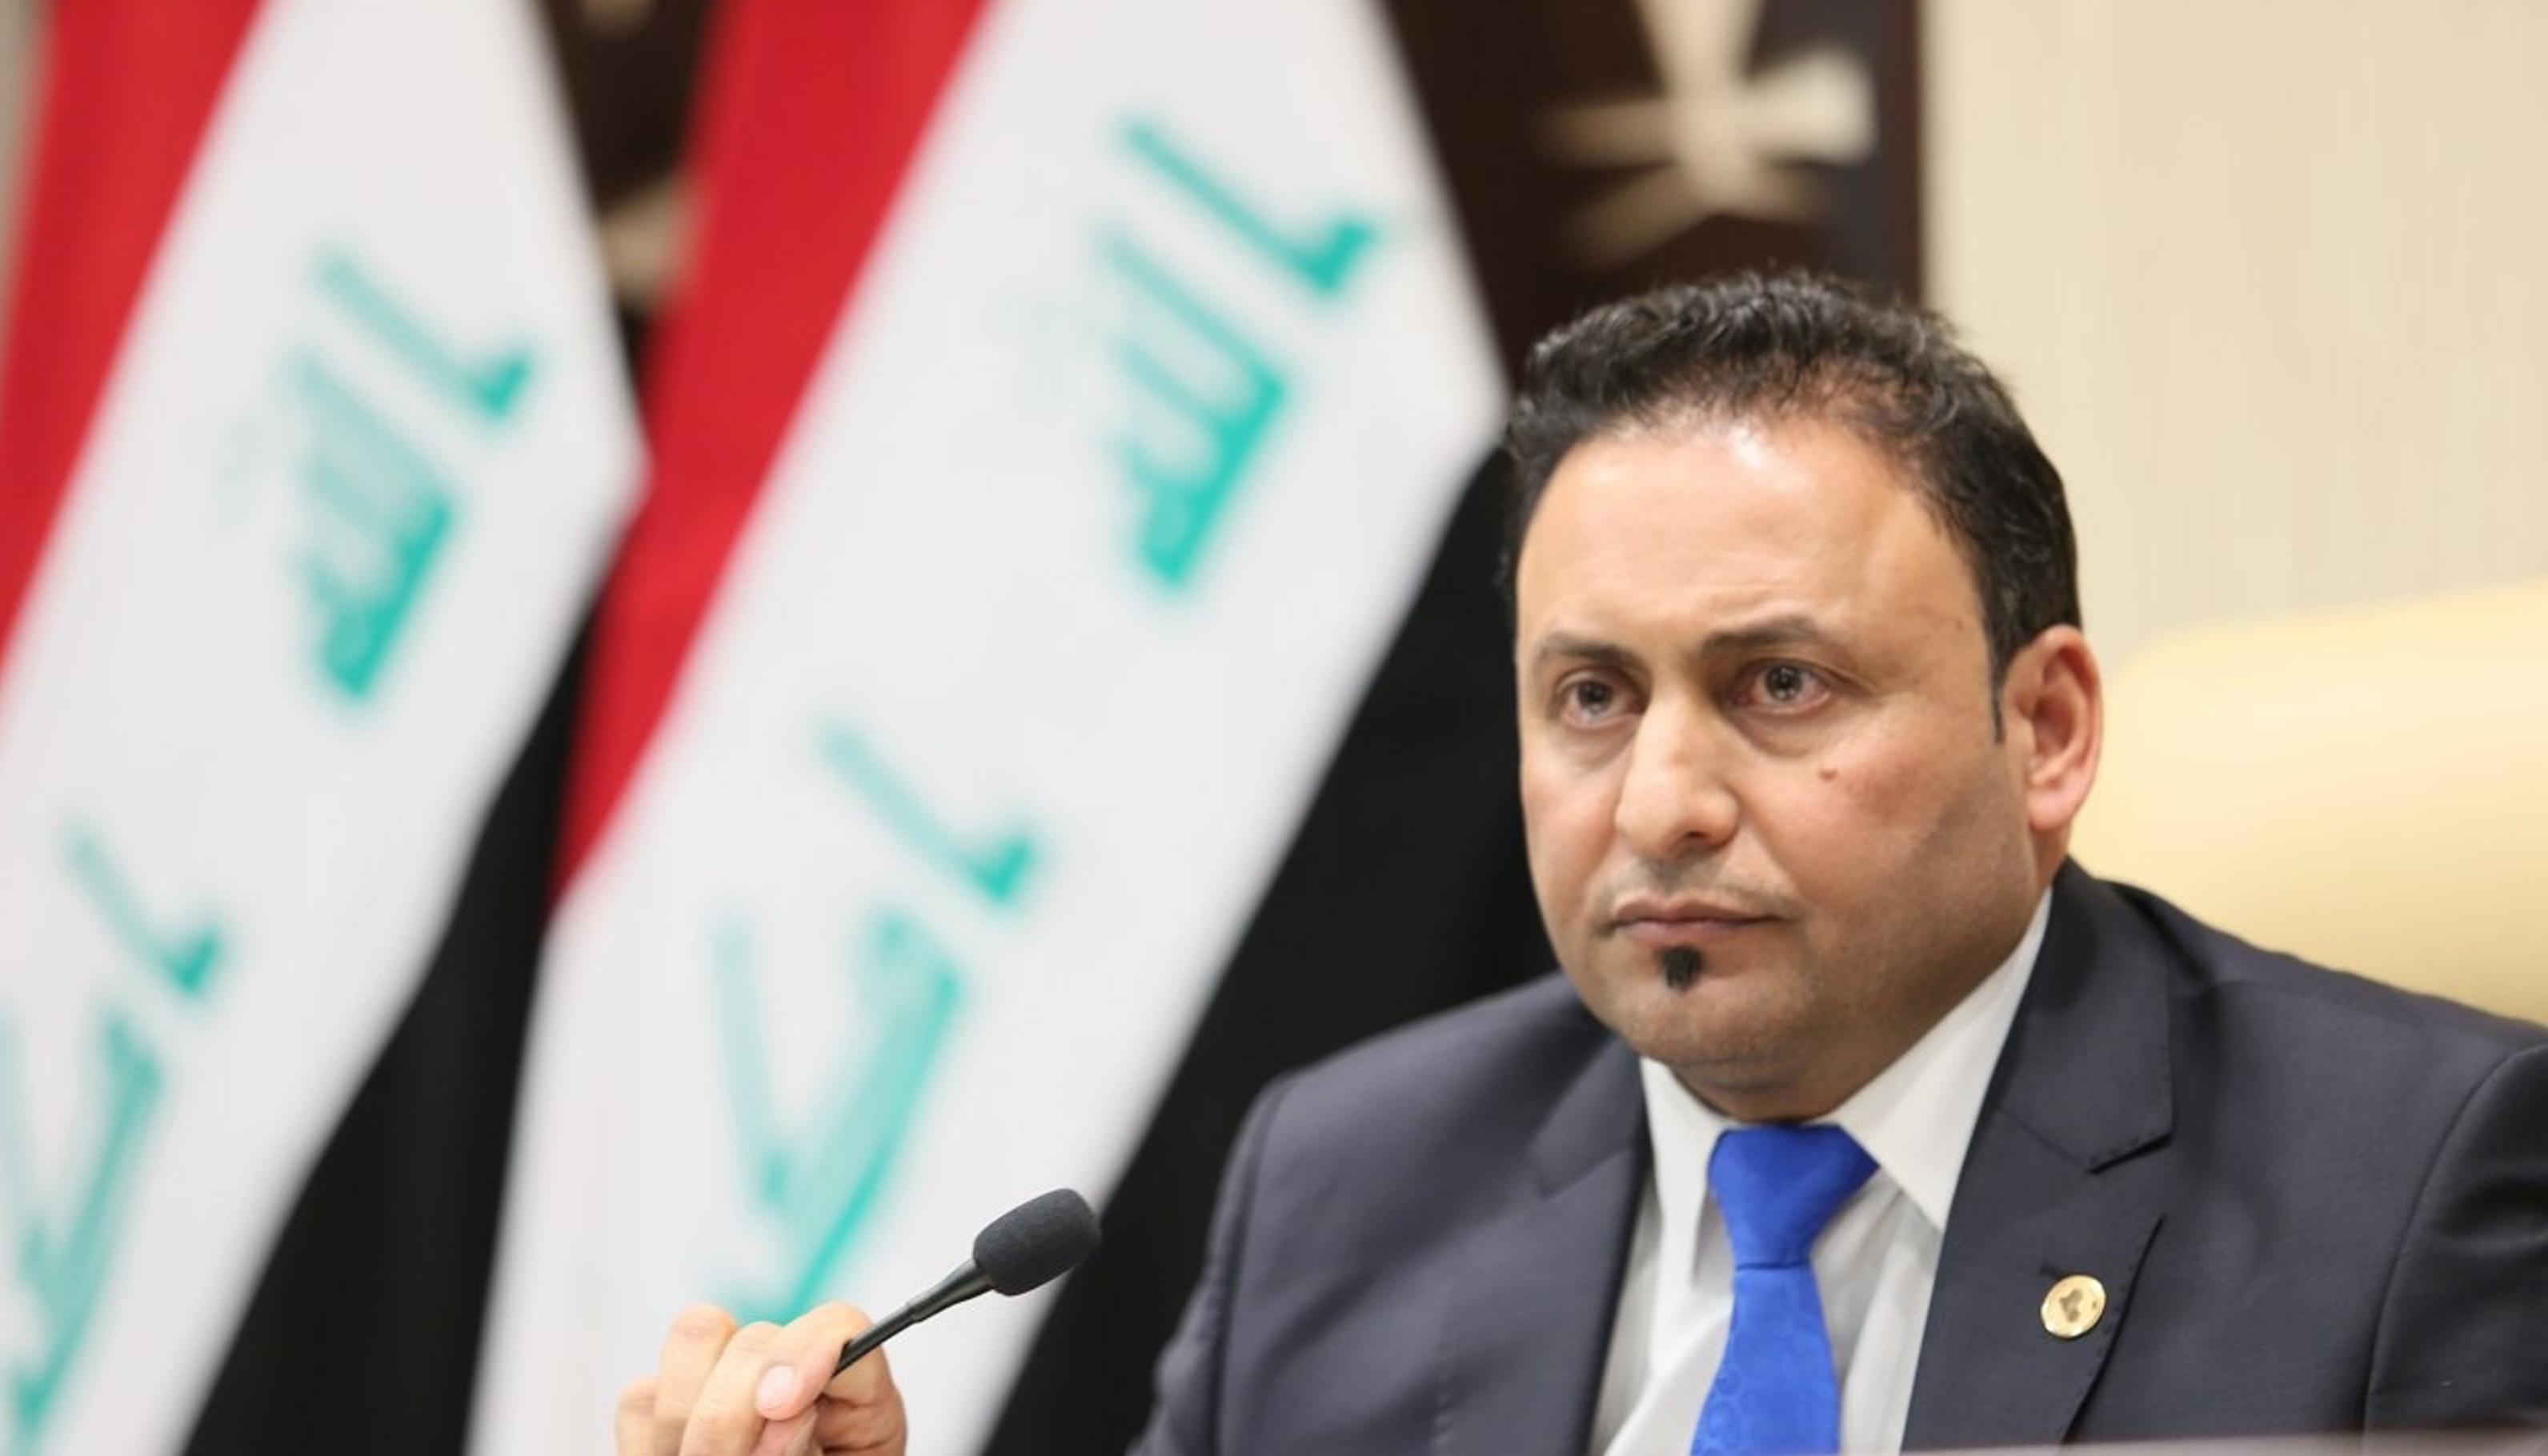 نائب رئيس مجلس النواب يدعو لجلسة طارئة يوم الإثنين